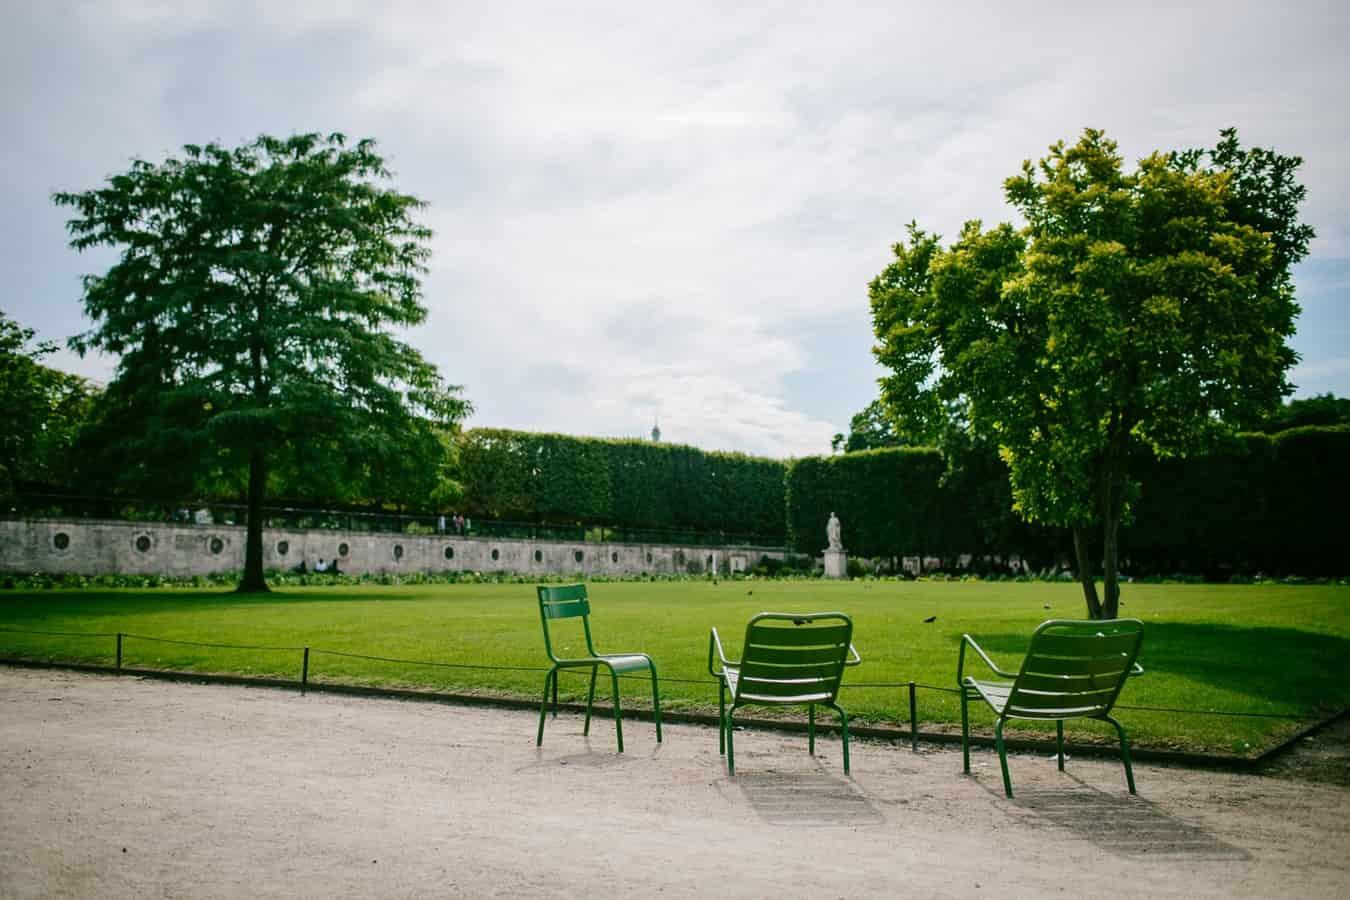 Dvor Park